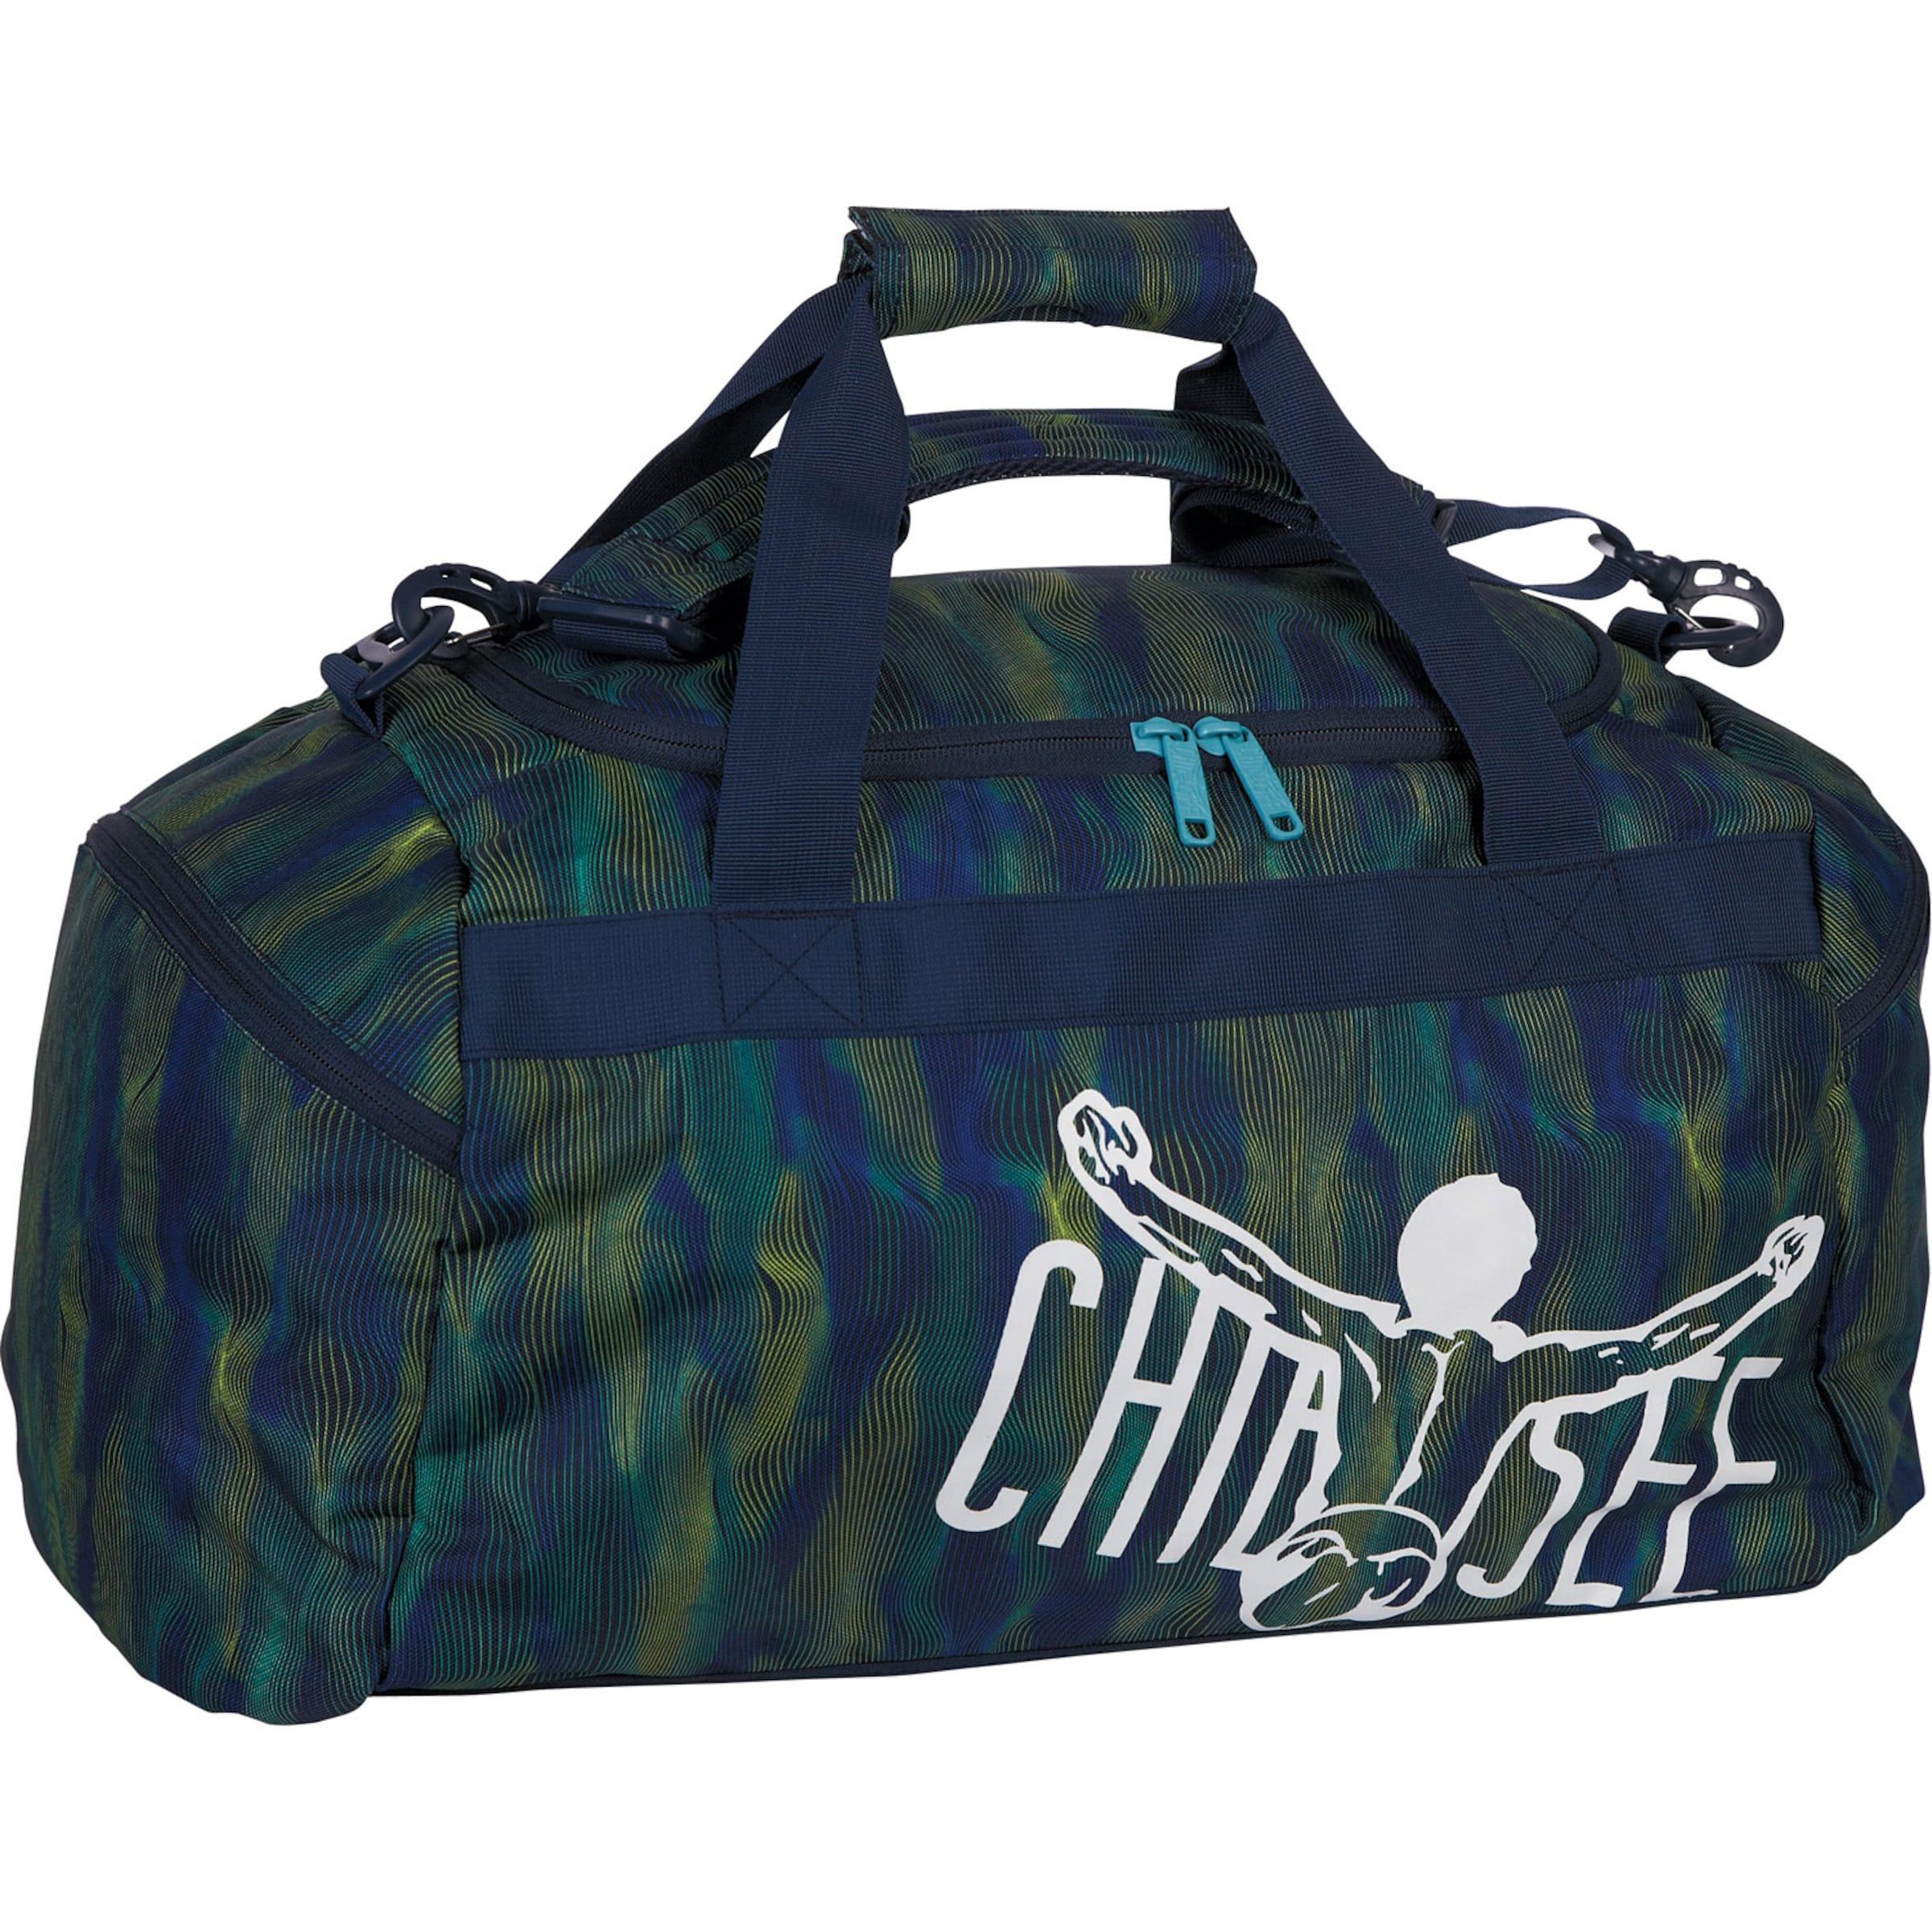 CHIEMSEE Sport Matchbag Reisetasche 56 cm Angebote Günstig Online hc2NXQ2A